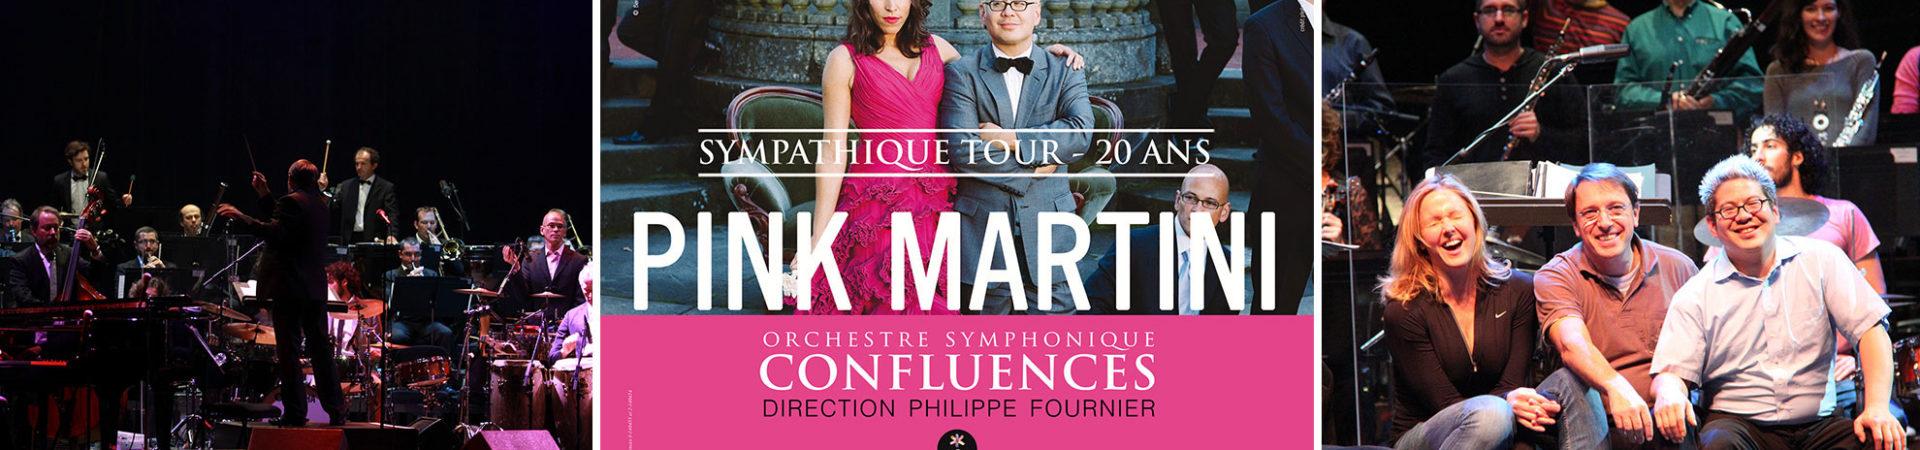 """Pink Martini Symphonique – """"Sympathique Tour"""""""